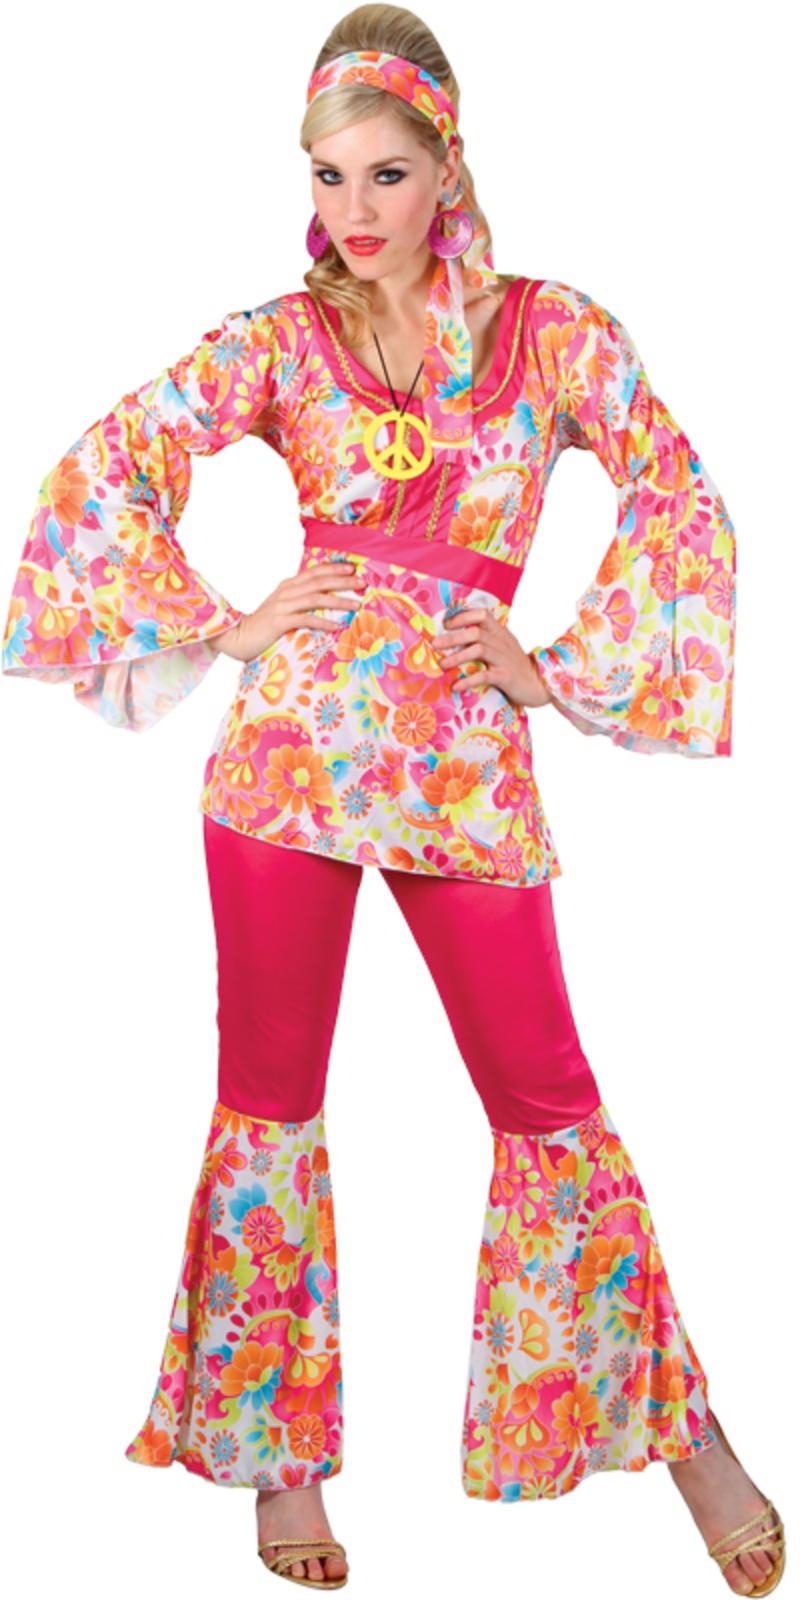 Bonito Themed Fancy Dress Party Ideas Patrón - Colección de Vestidos ...